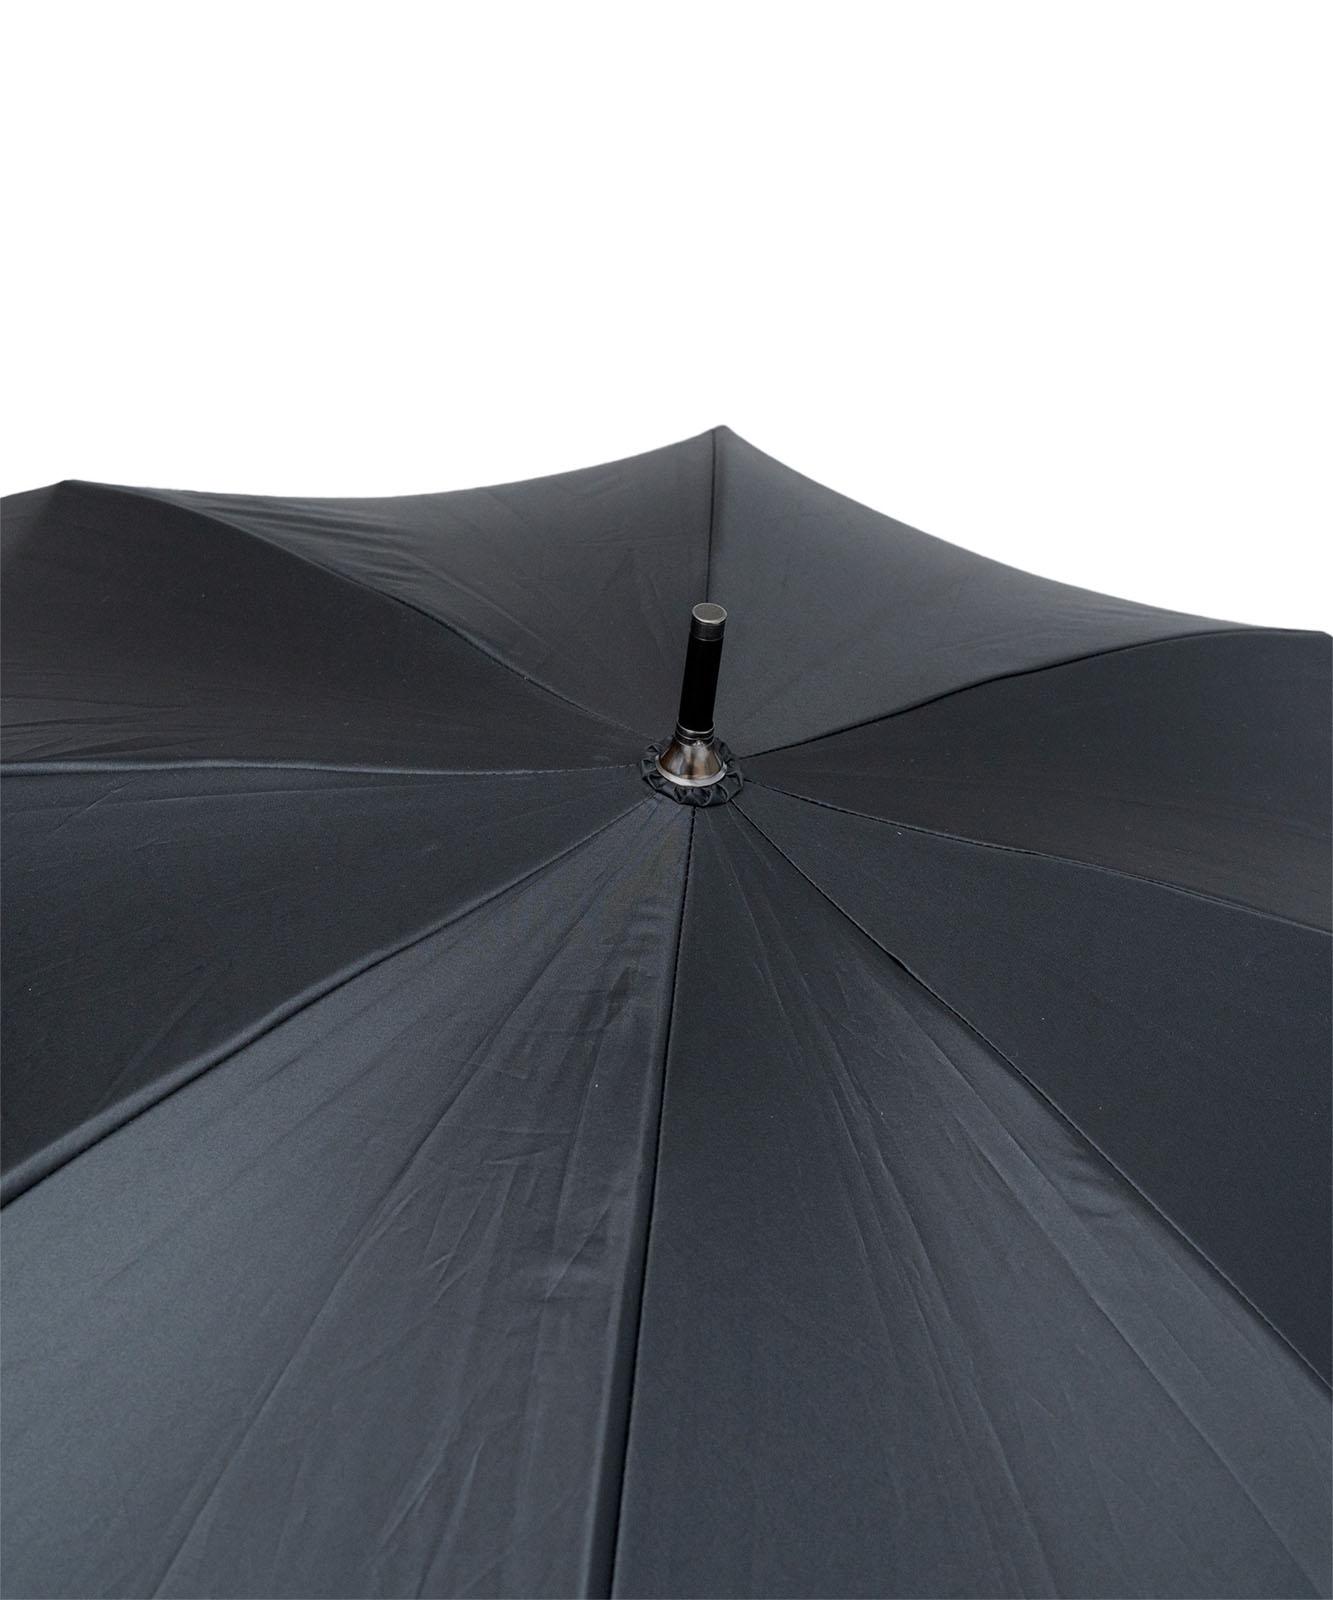 晴雨兼用トランスフォーム傘(耐風傘)